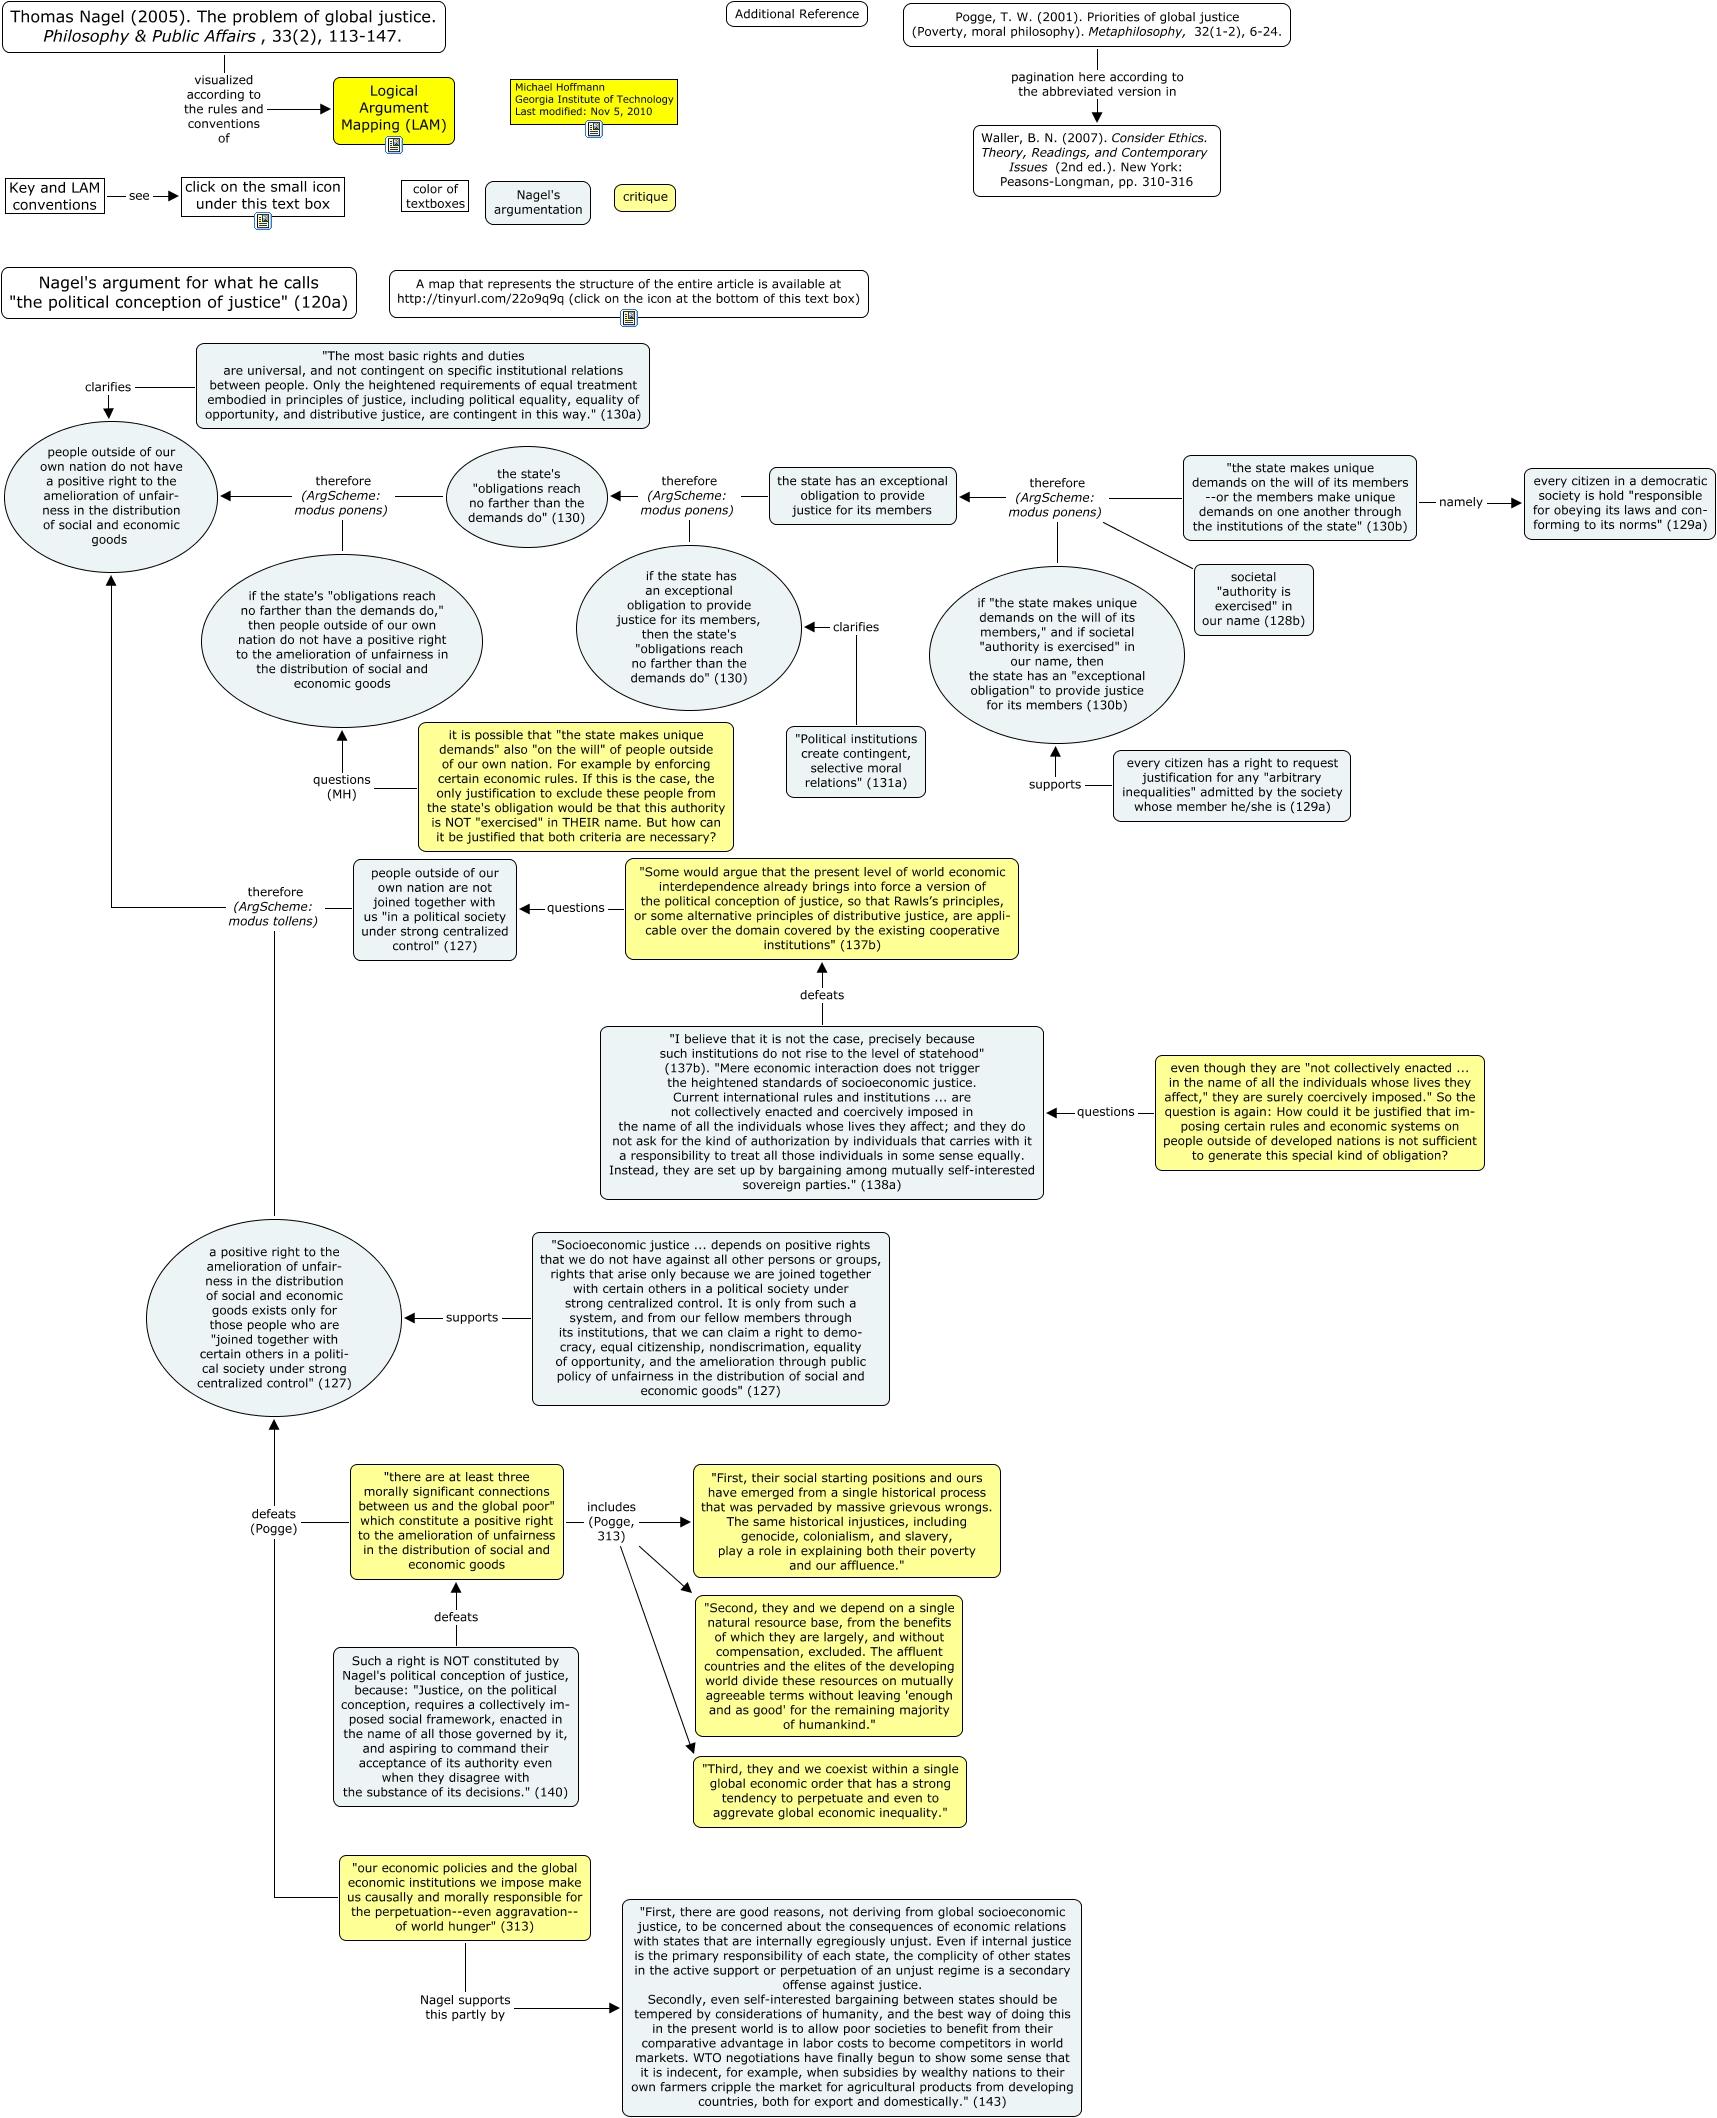 Nagel_2005_core-argument